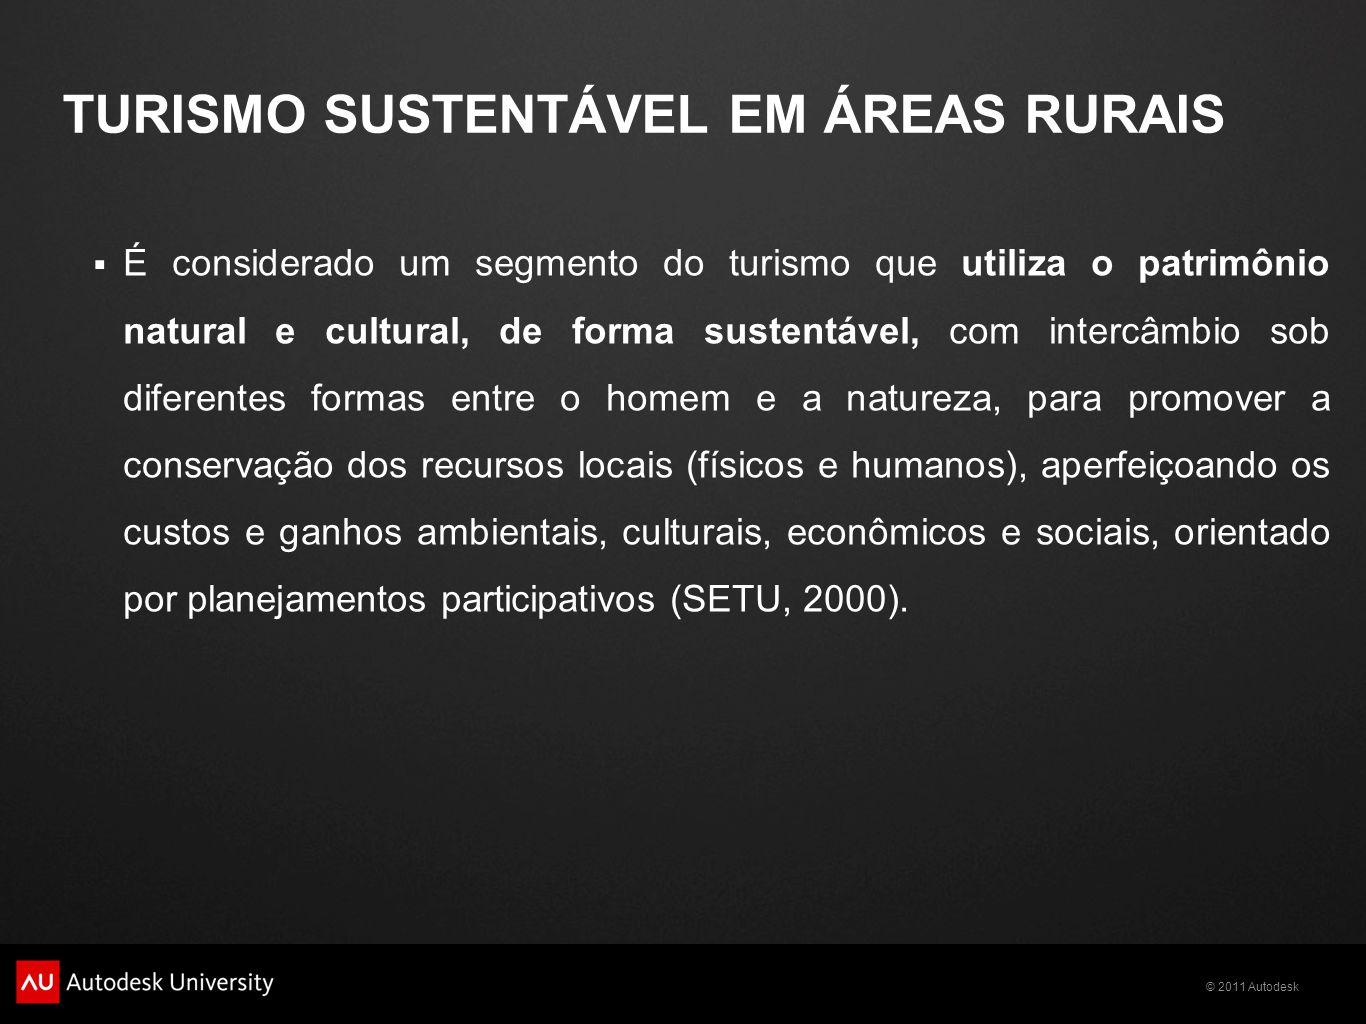 TURISMO SUSTENTÁVEL EM ÁREAS RURAIS